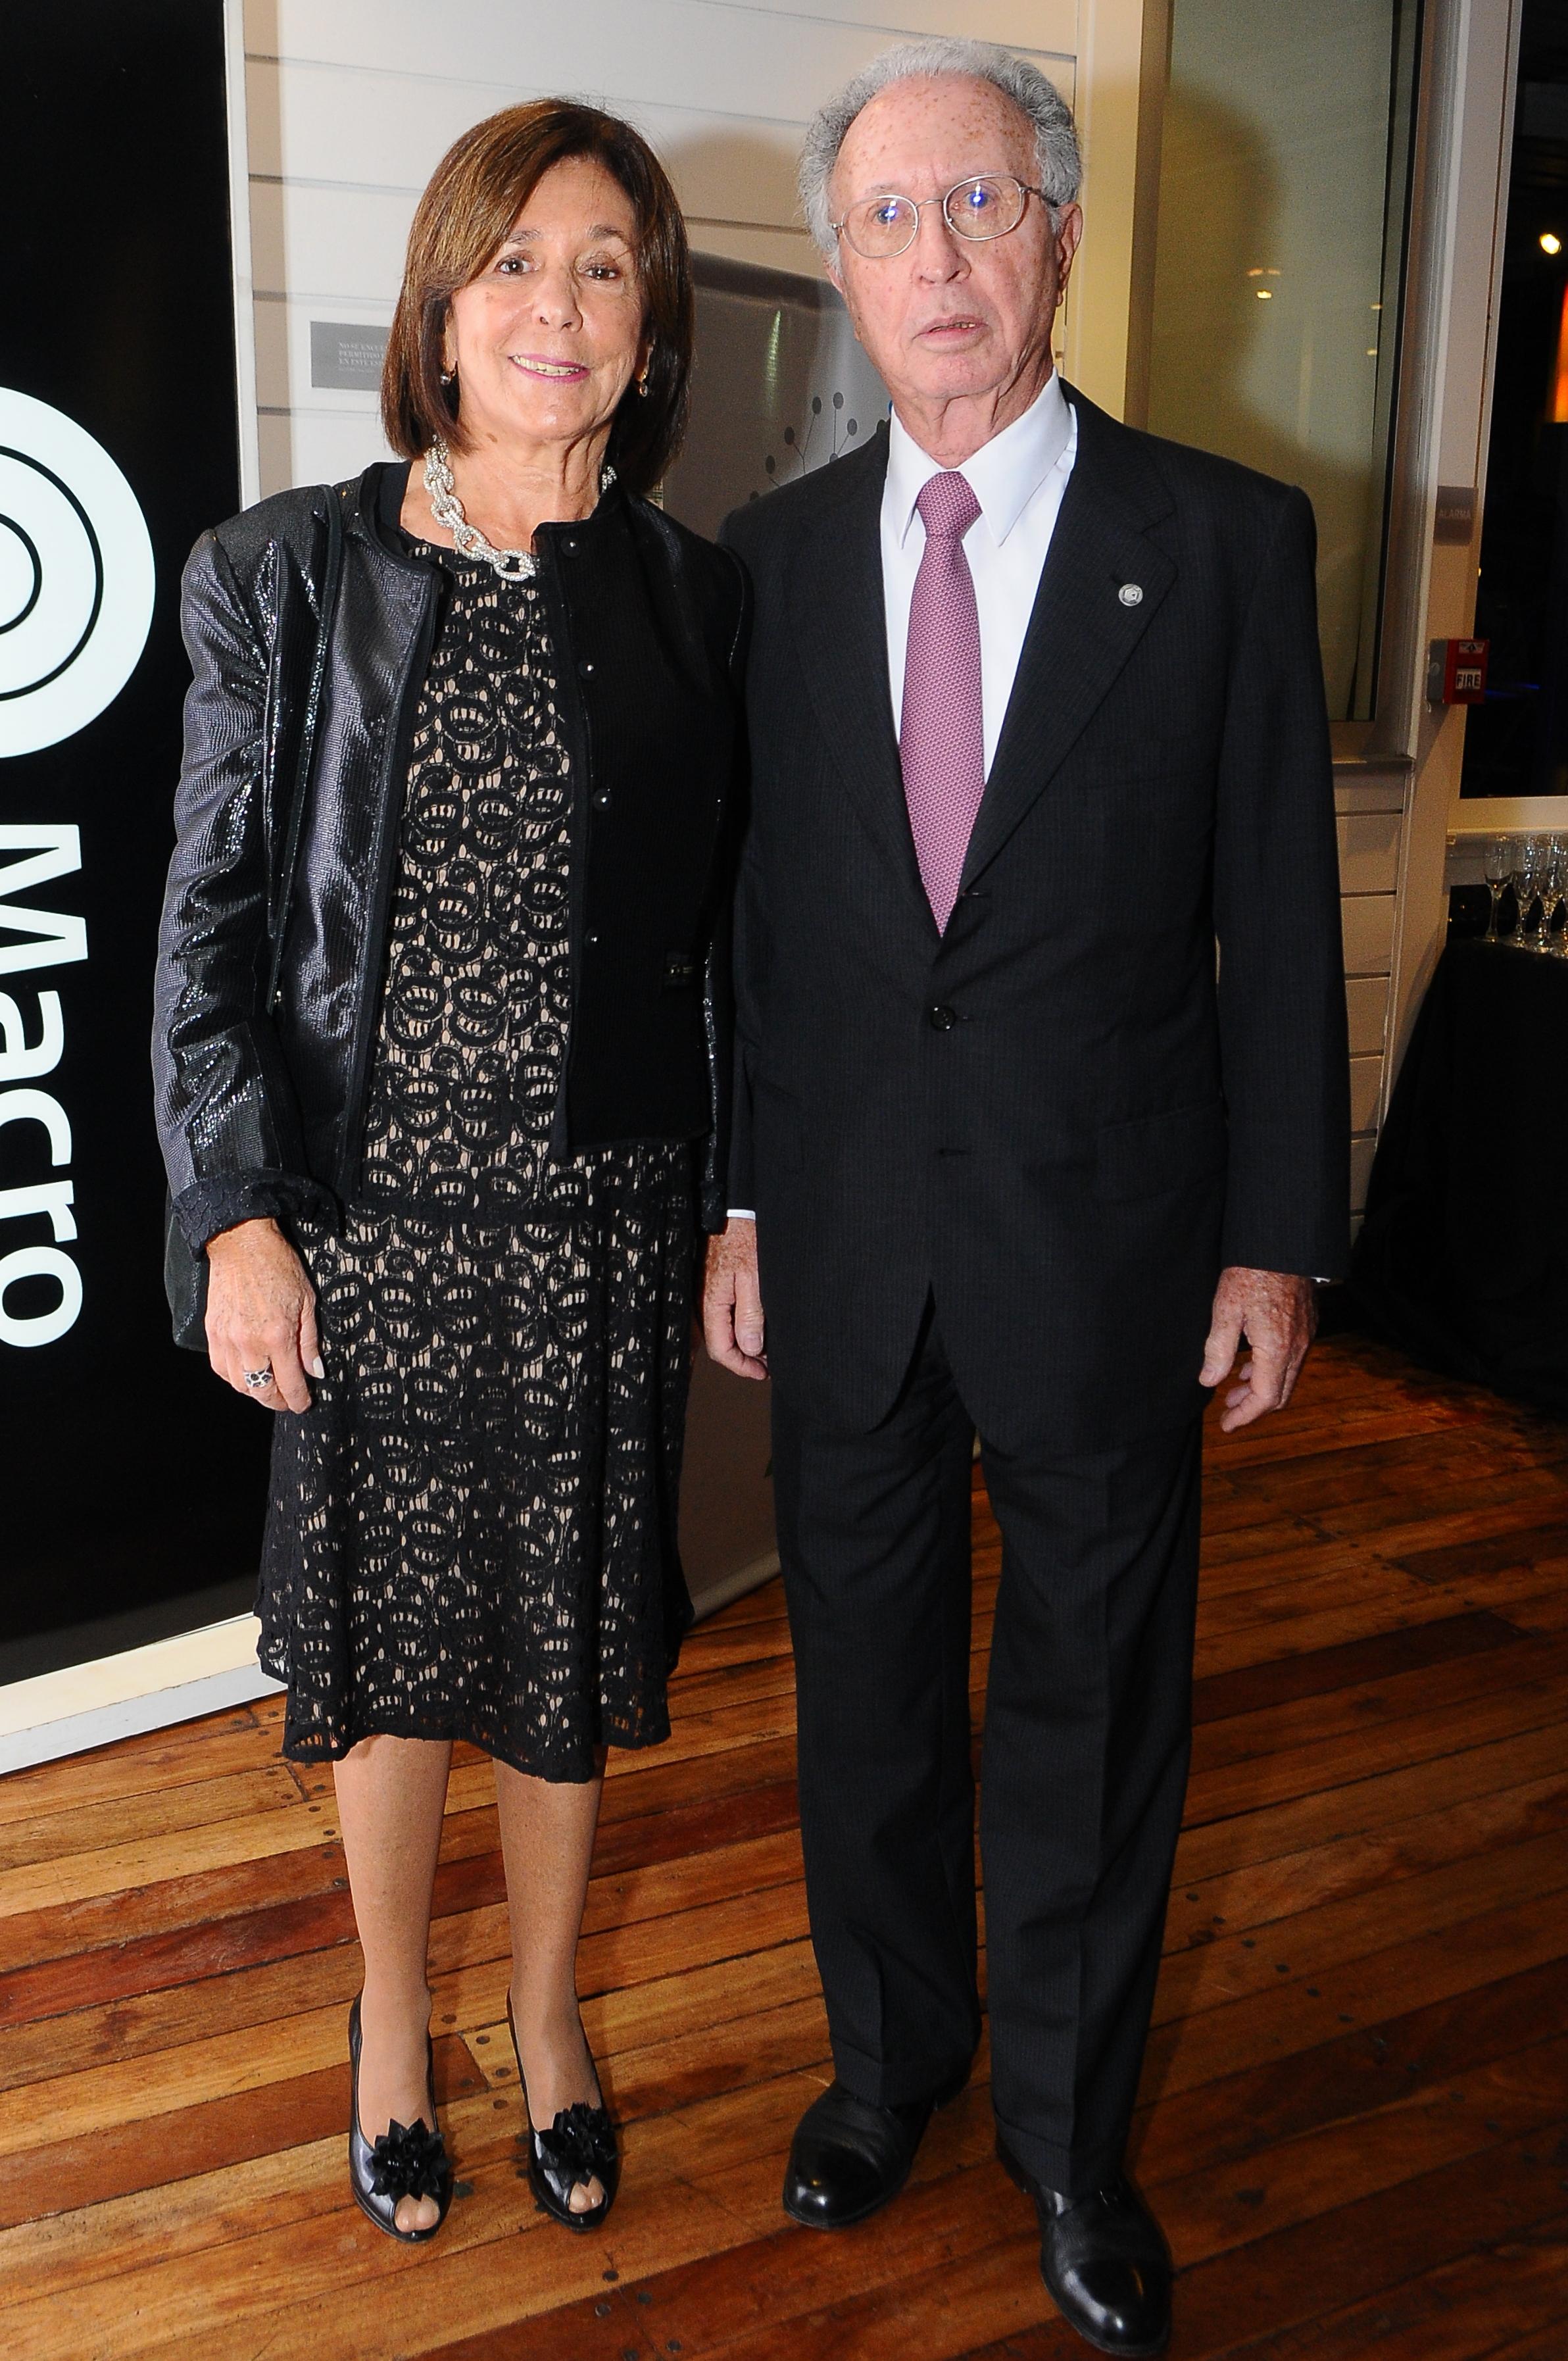 El presidente de la Cámara Argentina de Comercio y Servicios, Jorge Luis Di Fiori